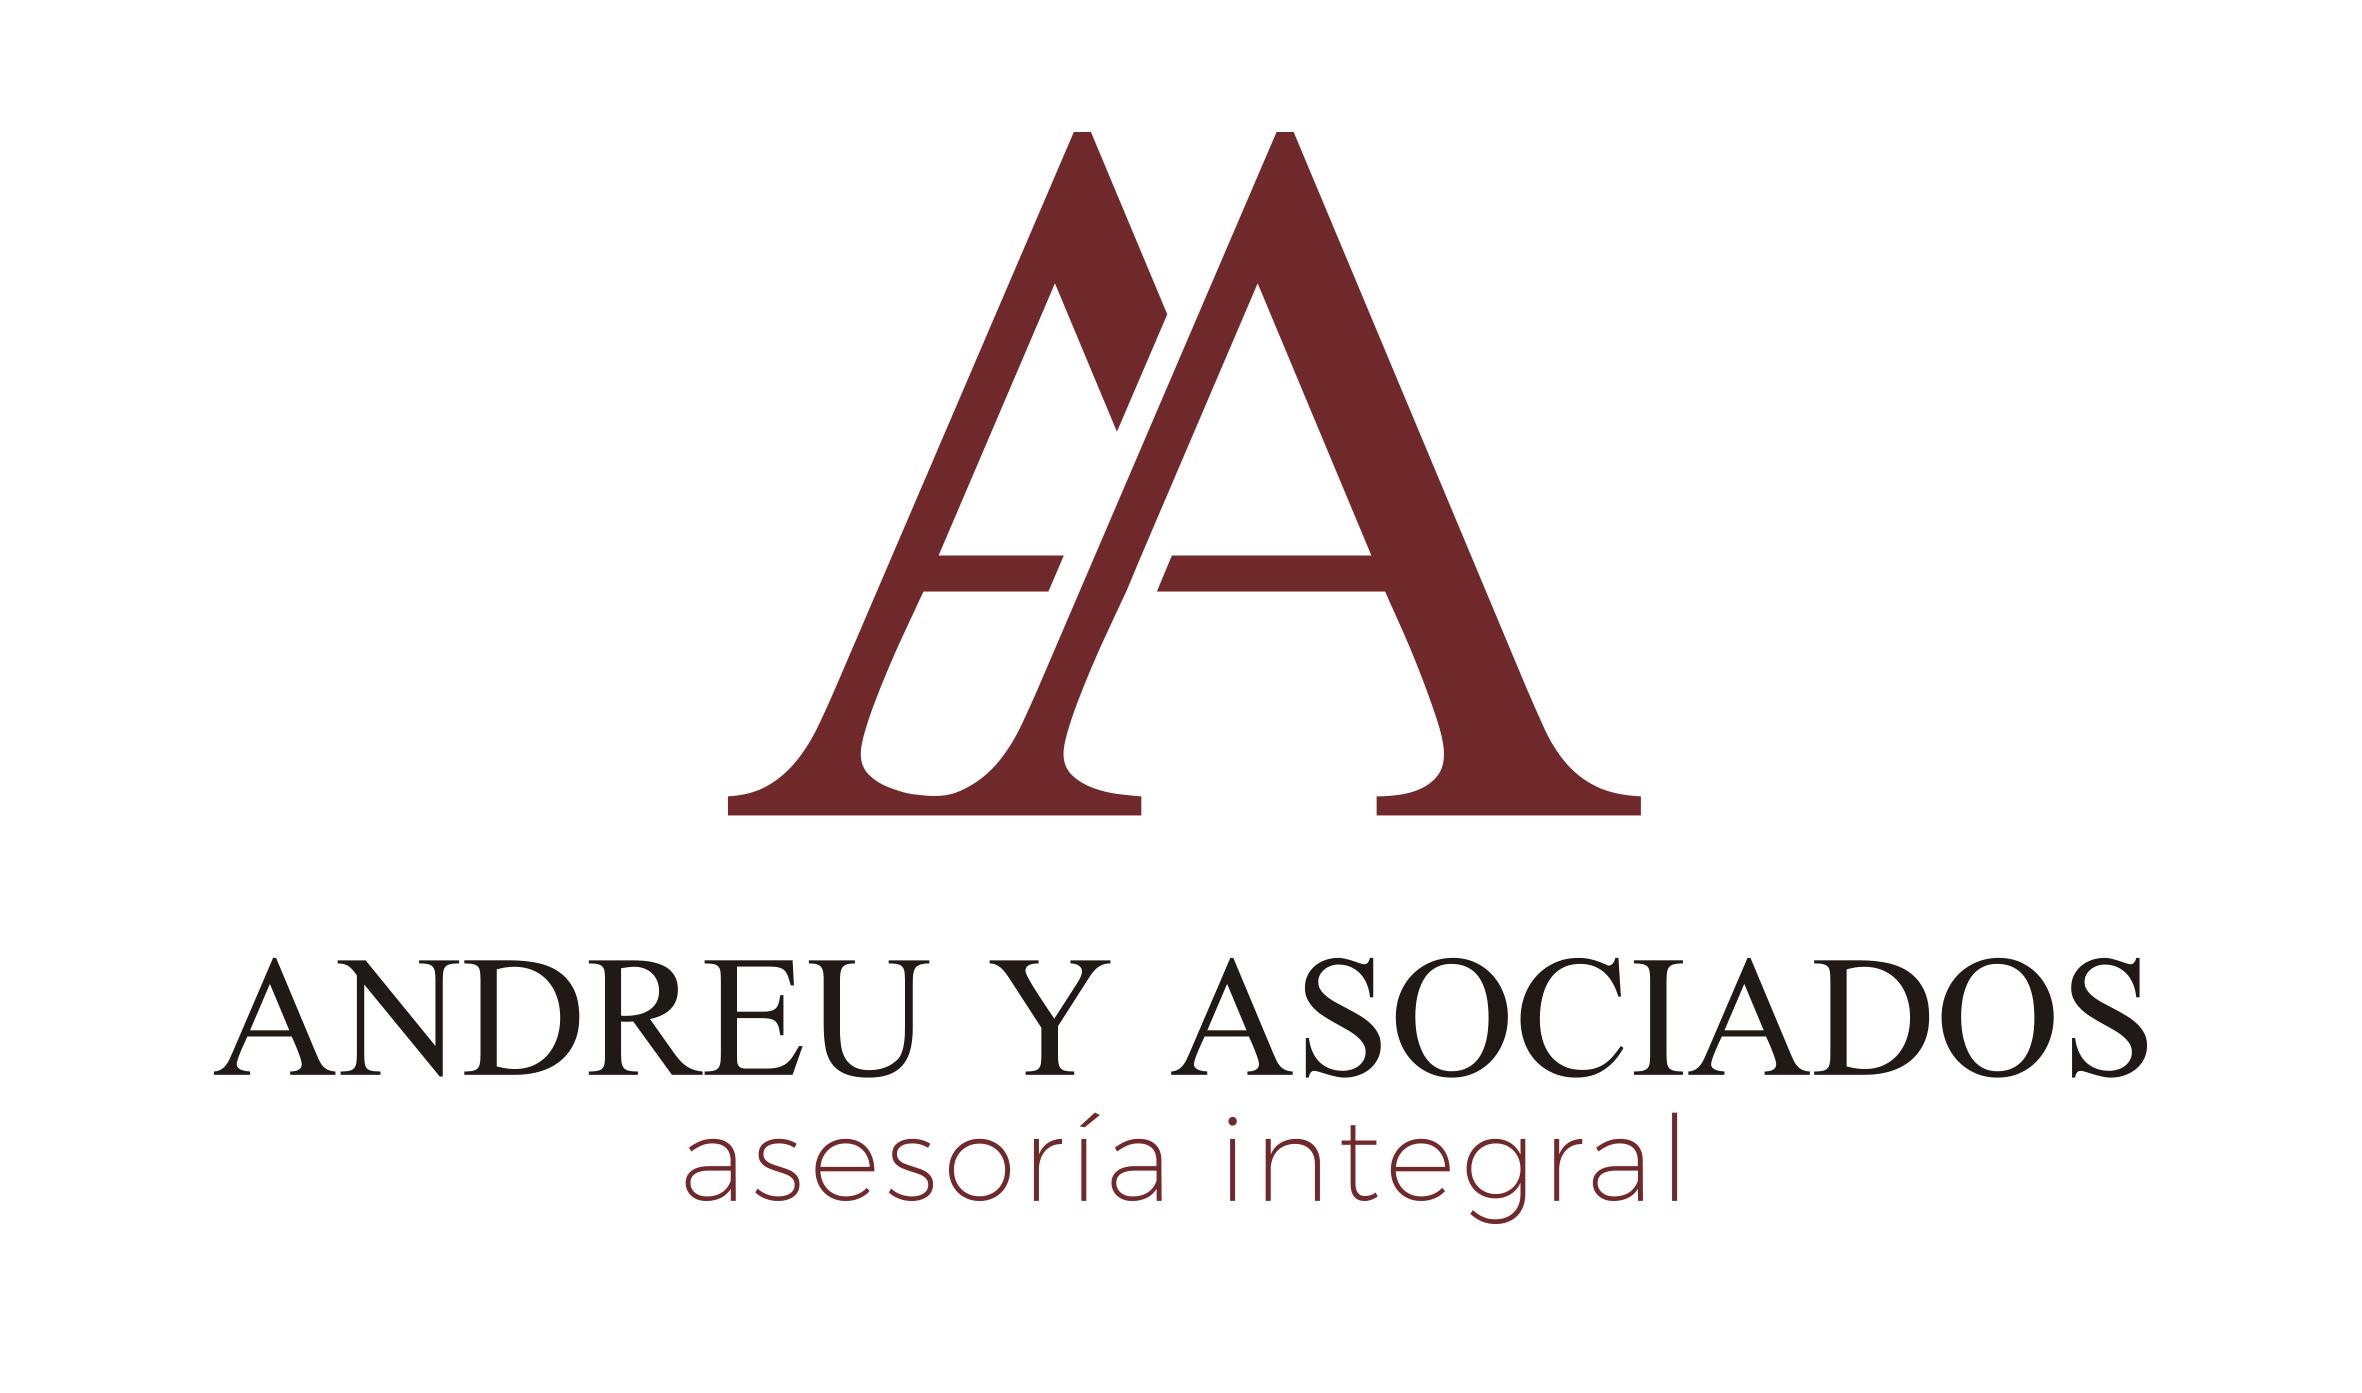 Andreu y Asociados